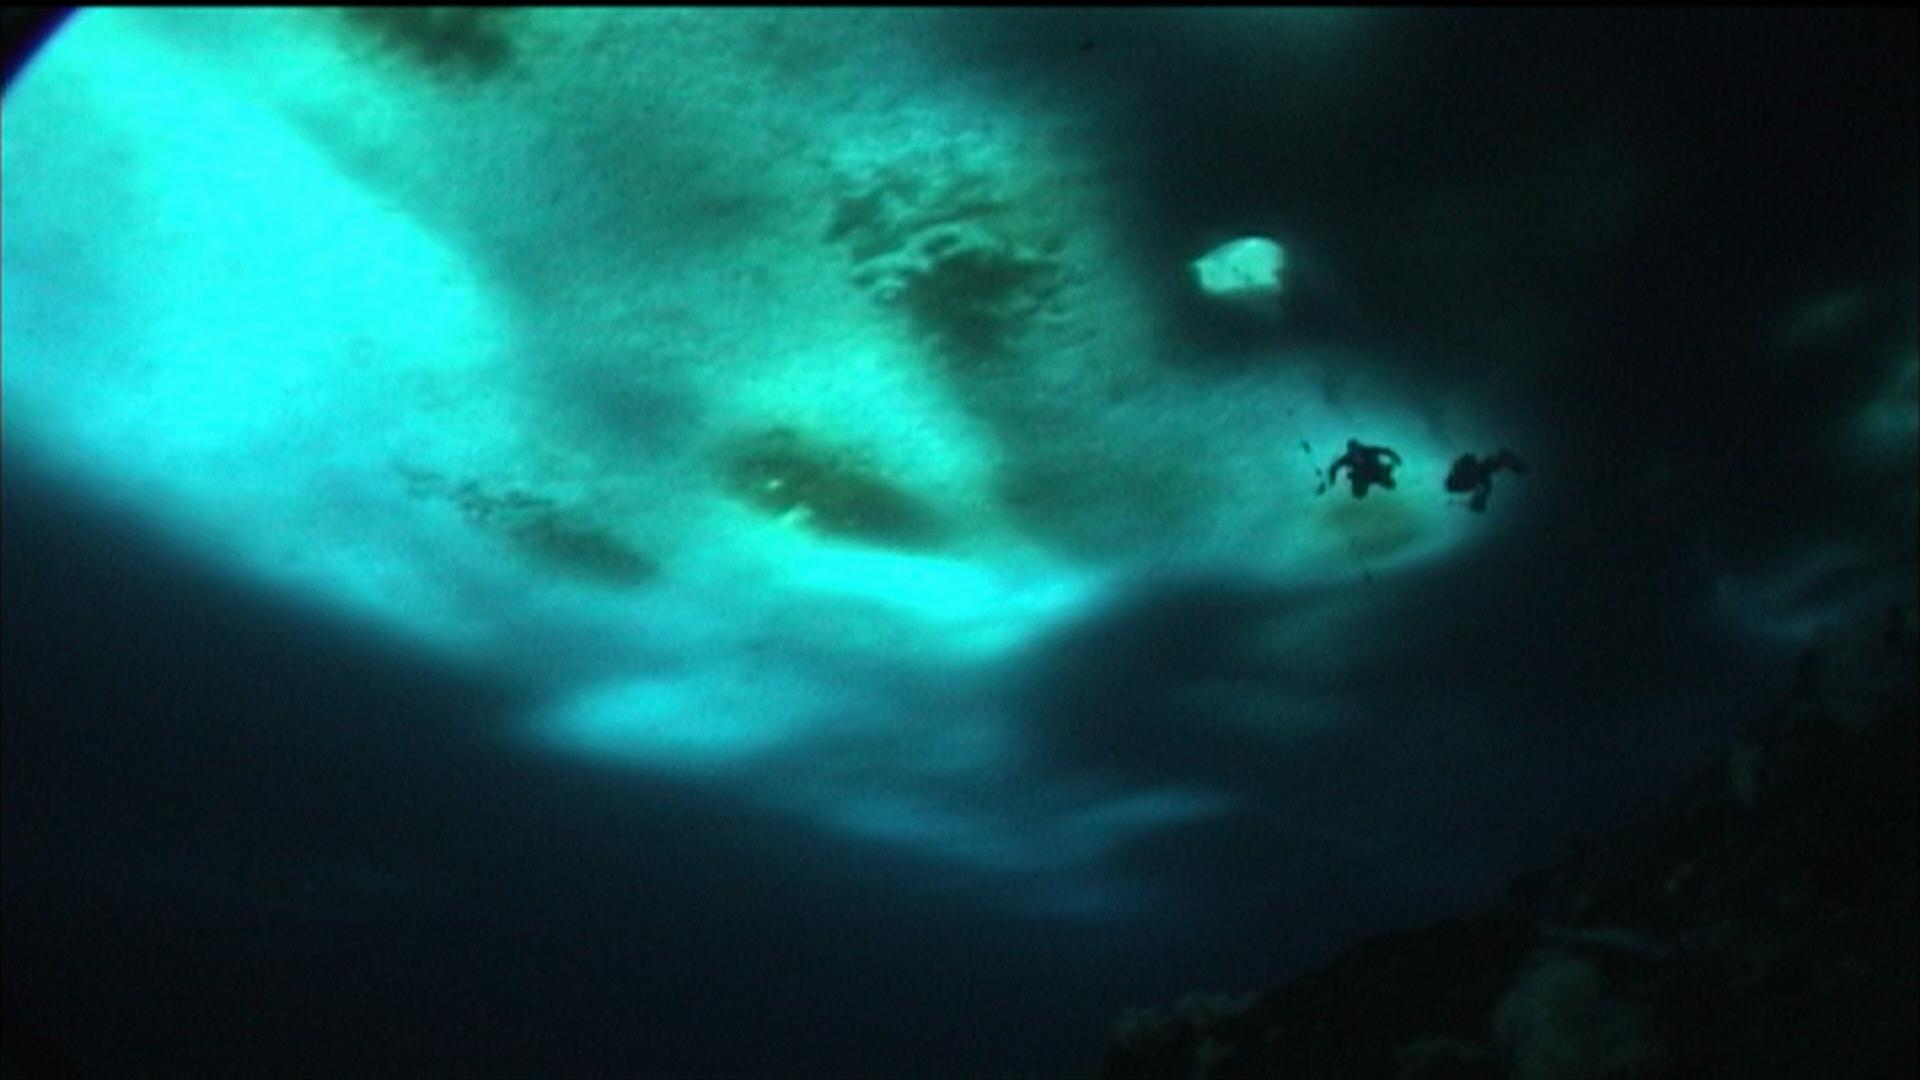 Divje modro onostranstvo (2005)